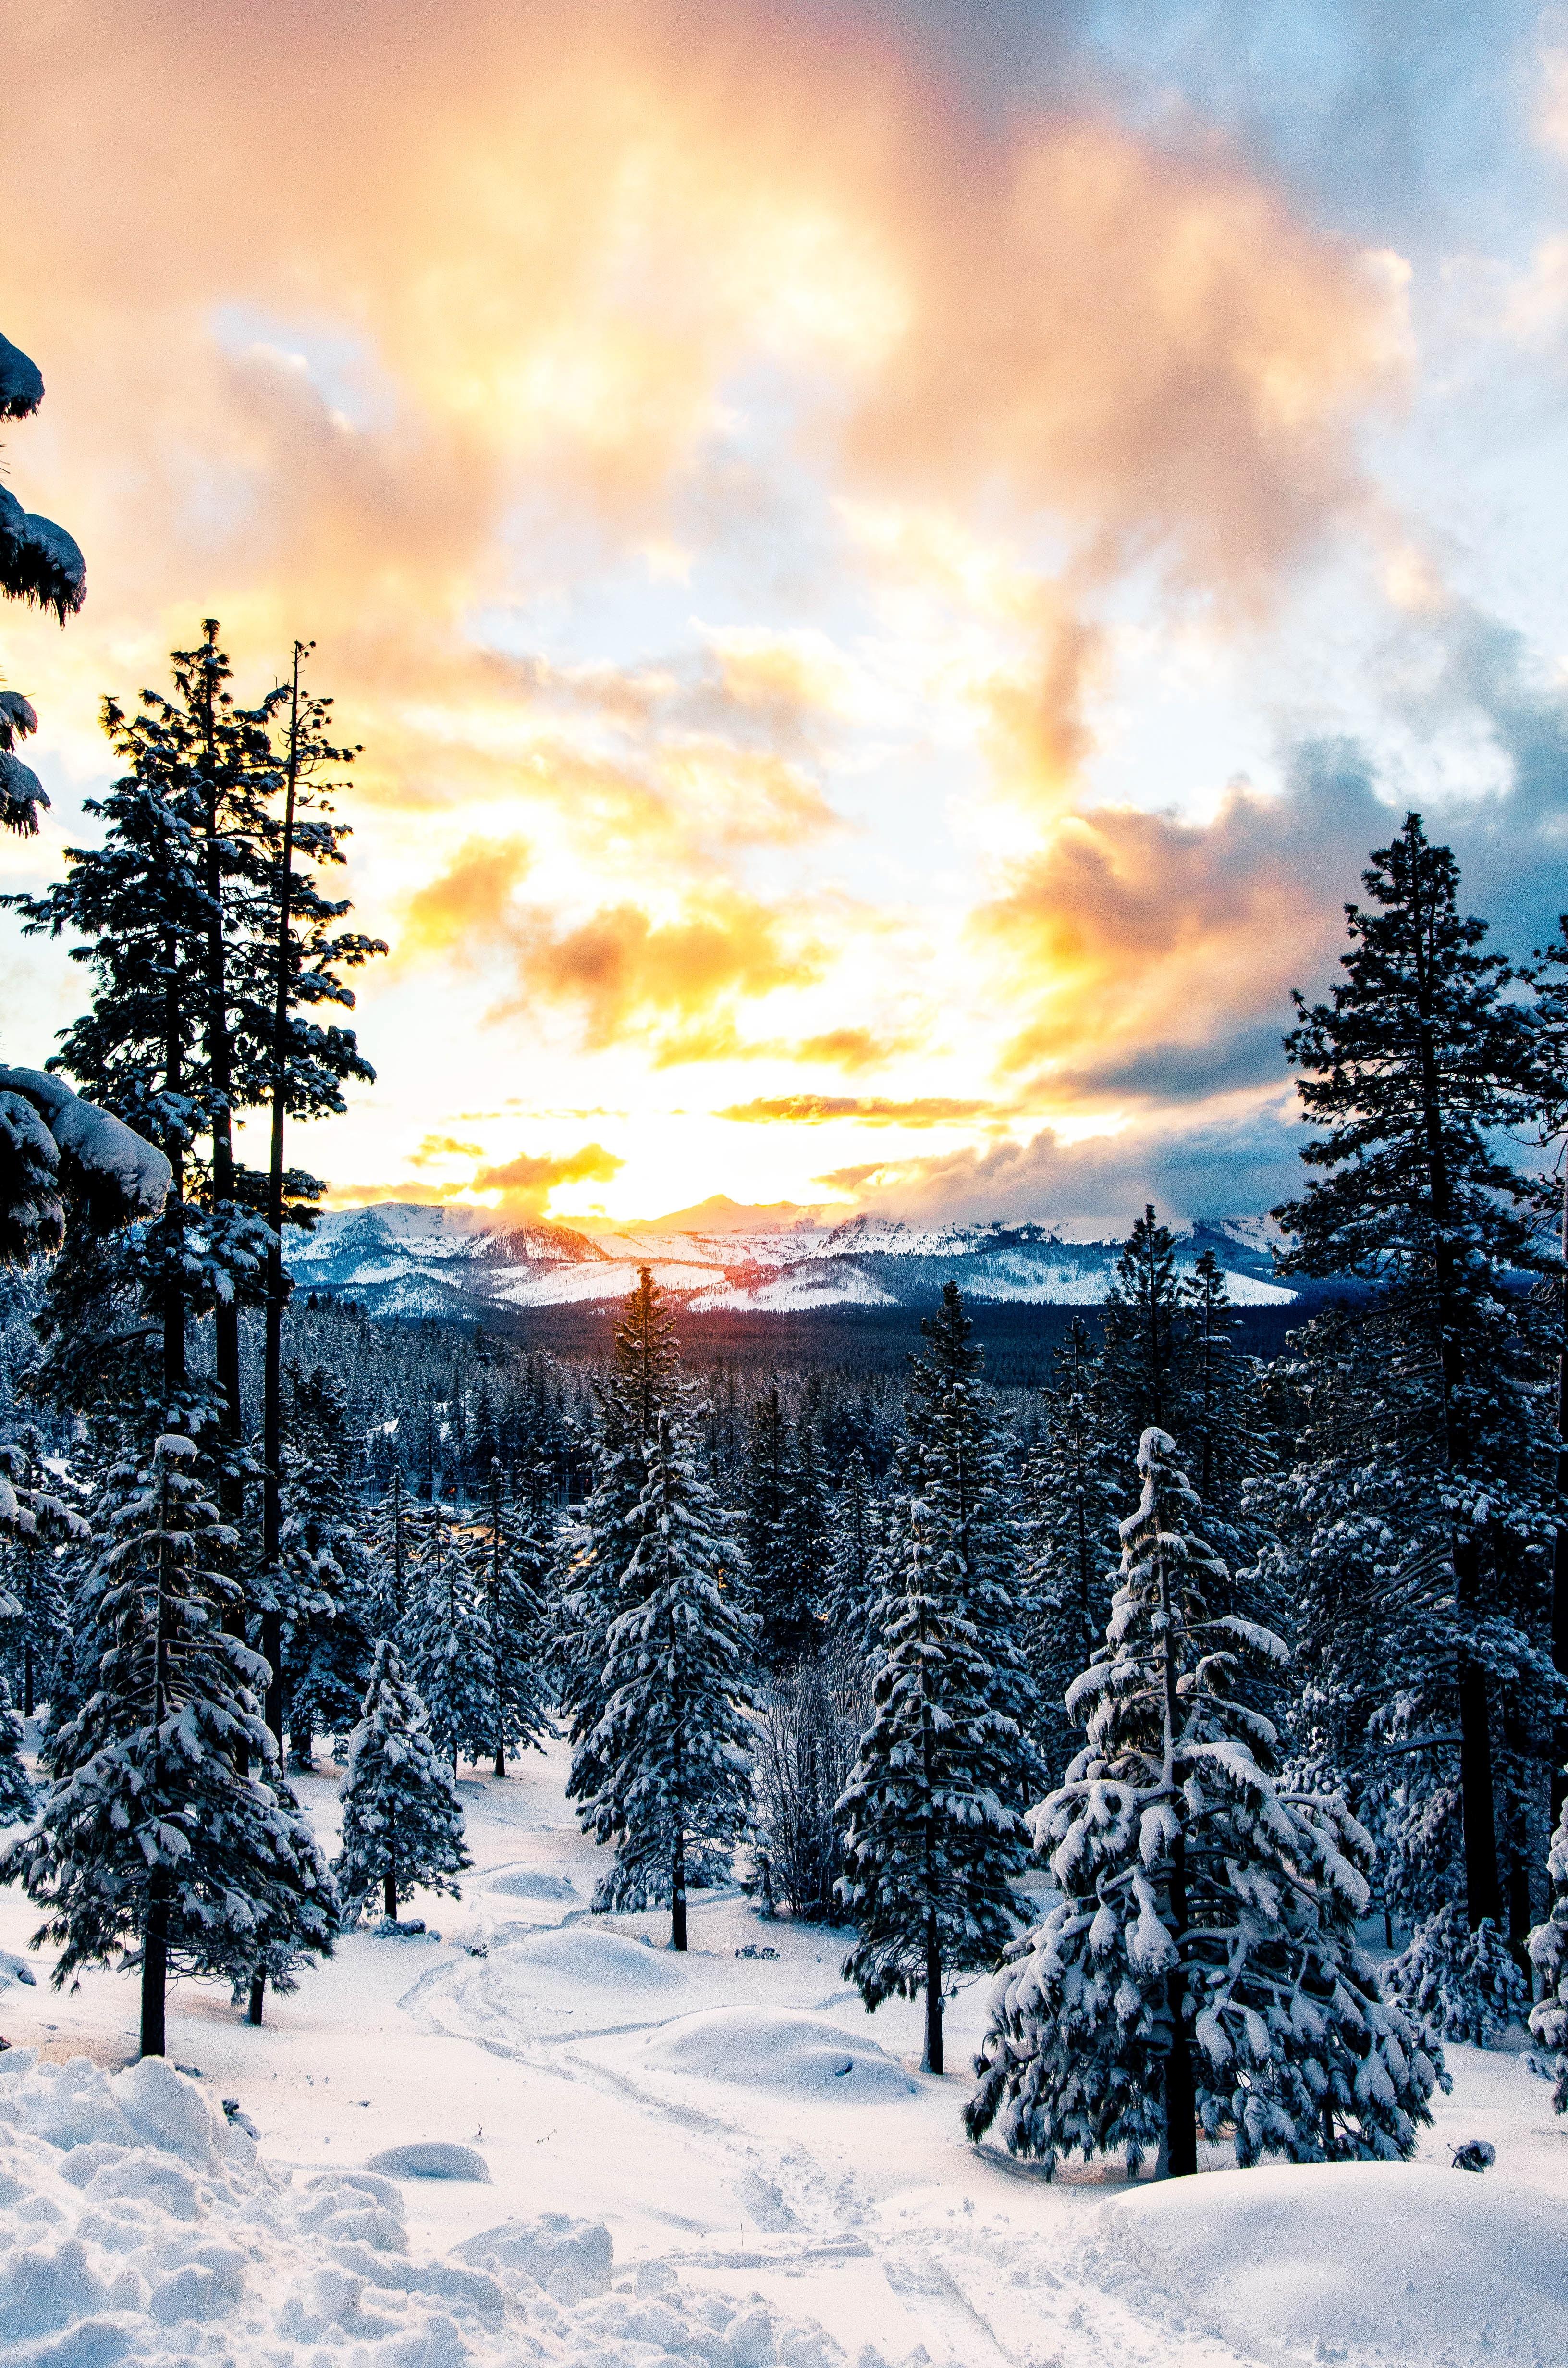 100125 Заставки и Обои Зима на телефон. Скачать Природа, Лес, Зима, Снег, Горы картинки бесплатно